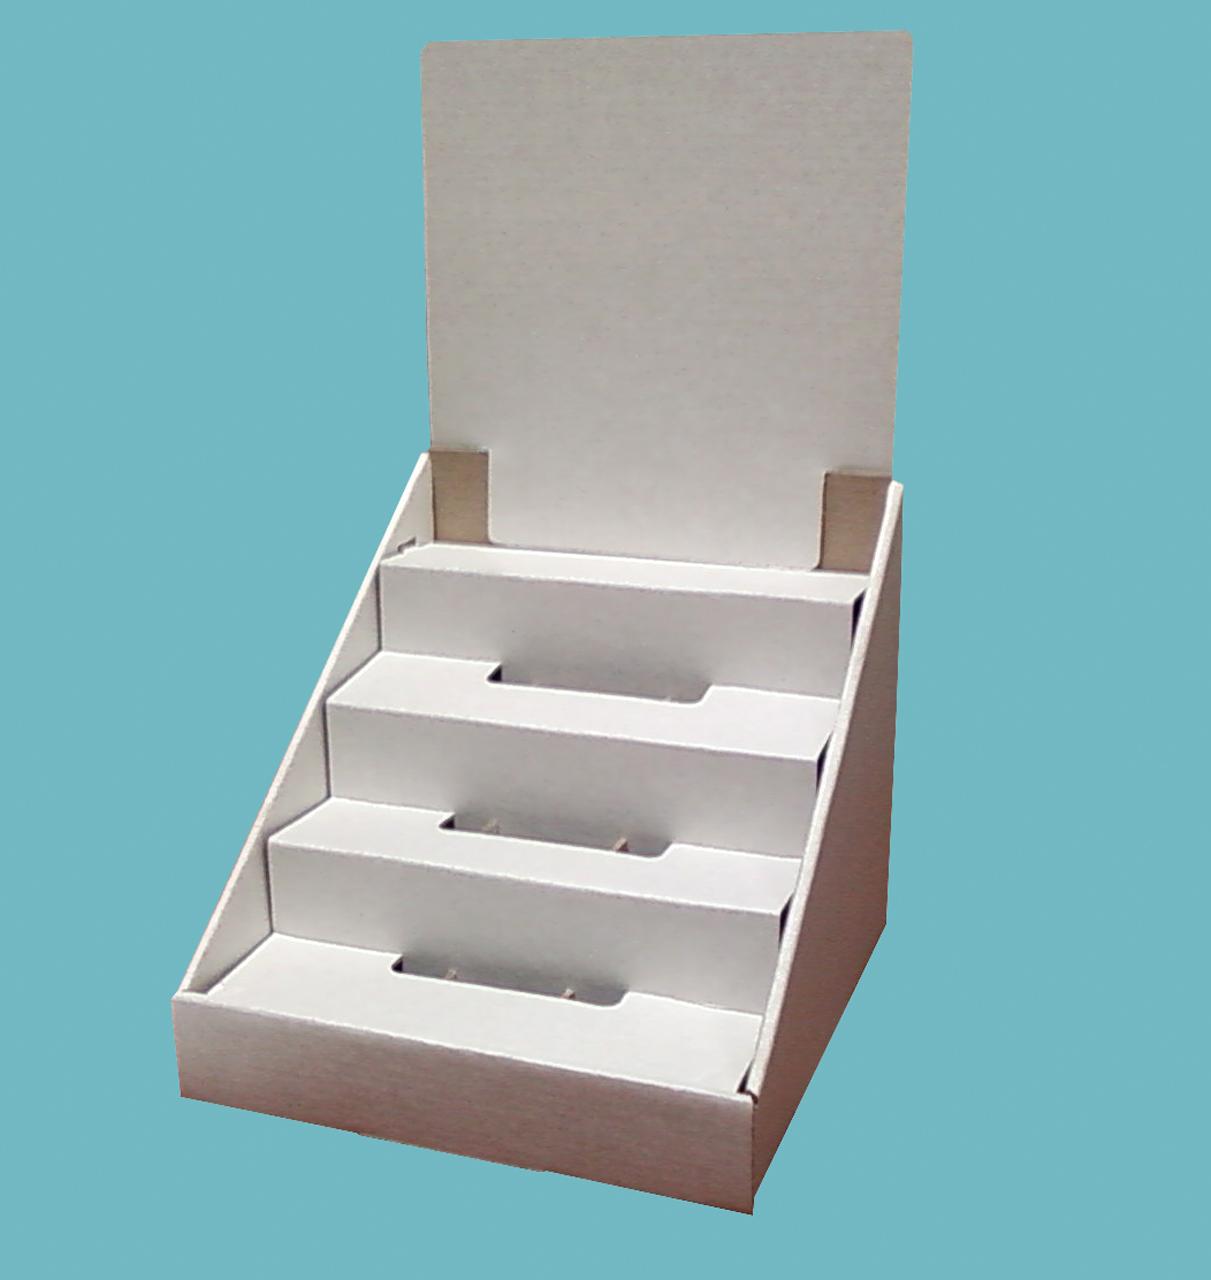 полочки для обуви своими руками из картона схема